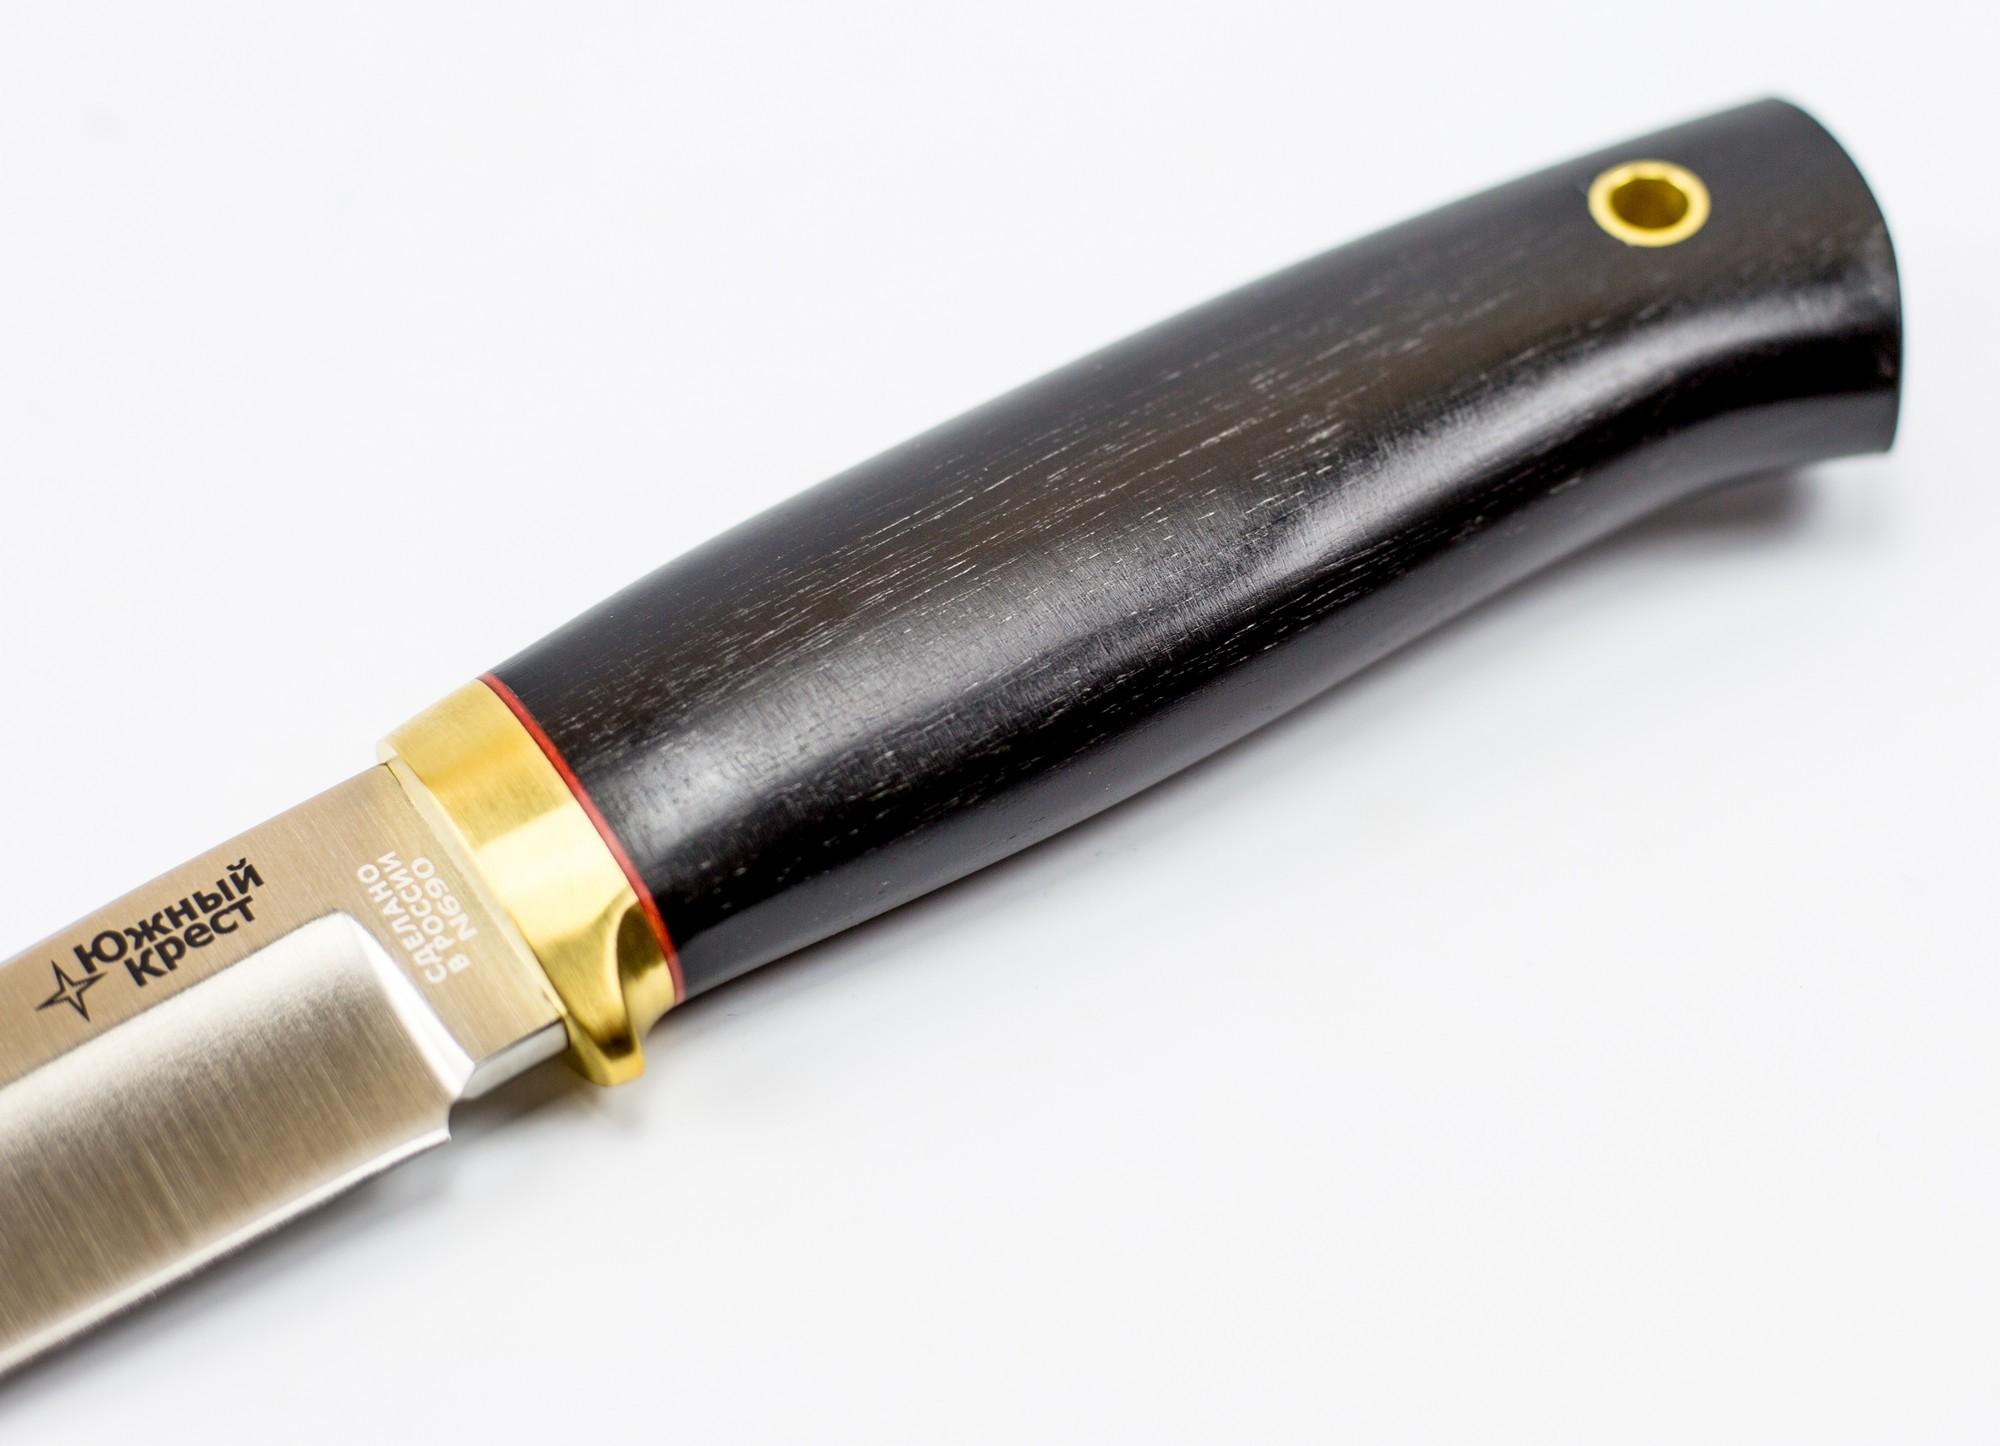 Фото 5 - Нож универсальный Боровой М, N690, Южный Крест, граб